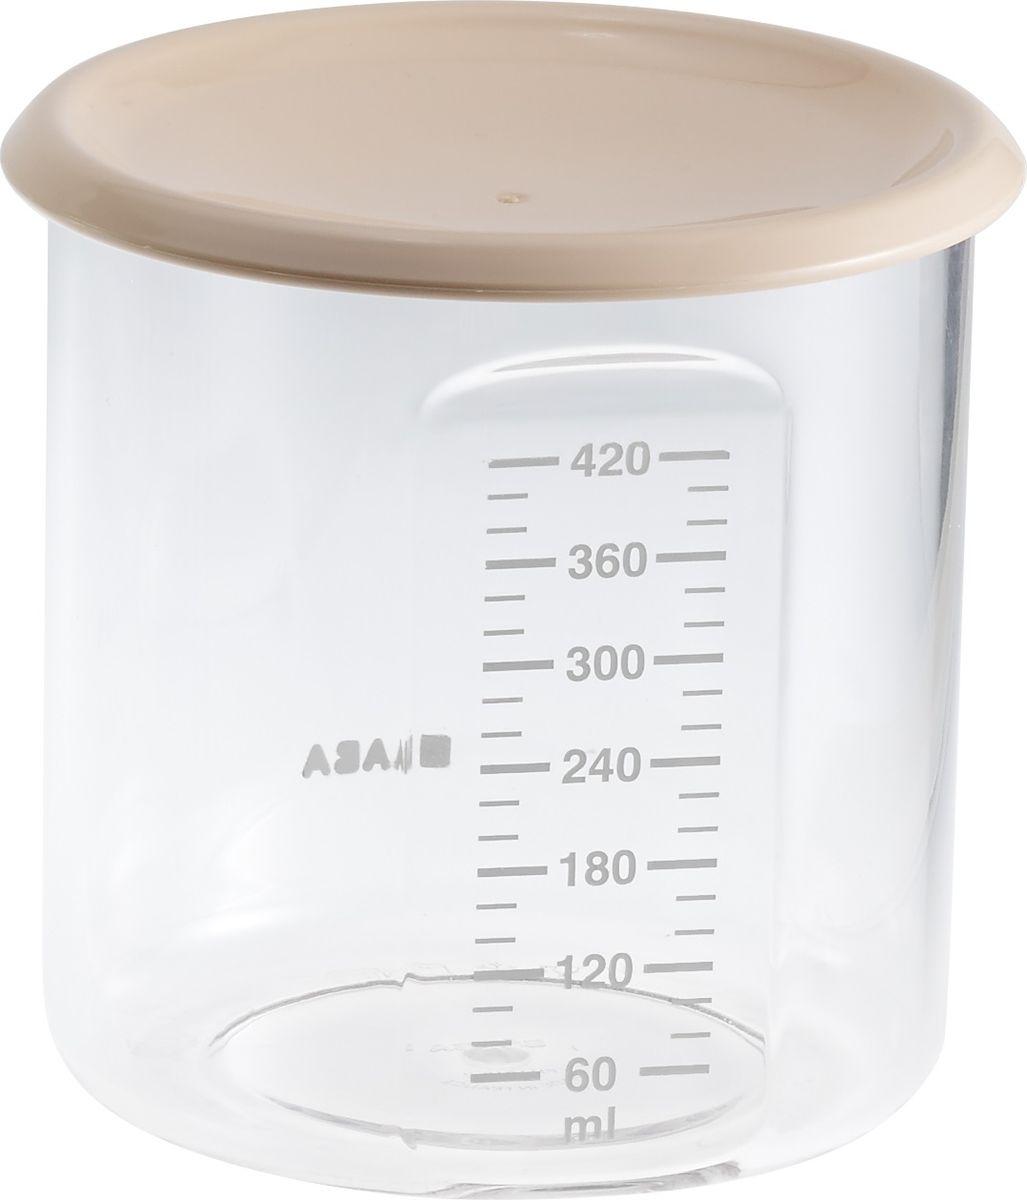 цена на Beaba Контейнер для детского питания Maxi+Portion Tritan Nude 420 мл